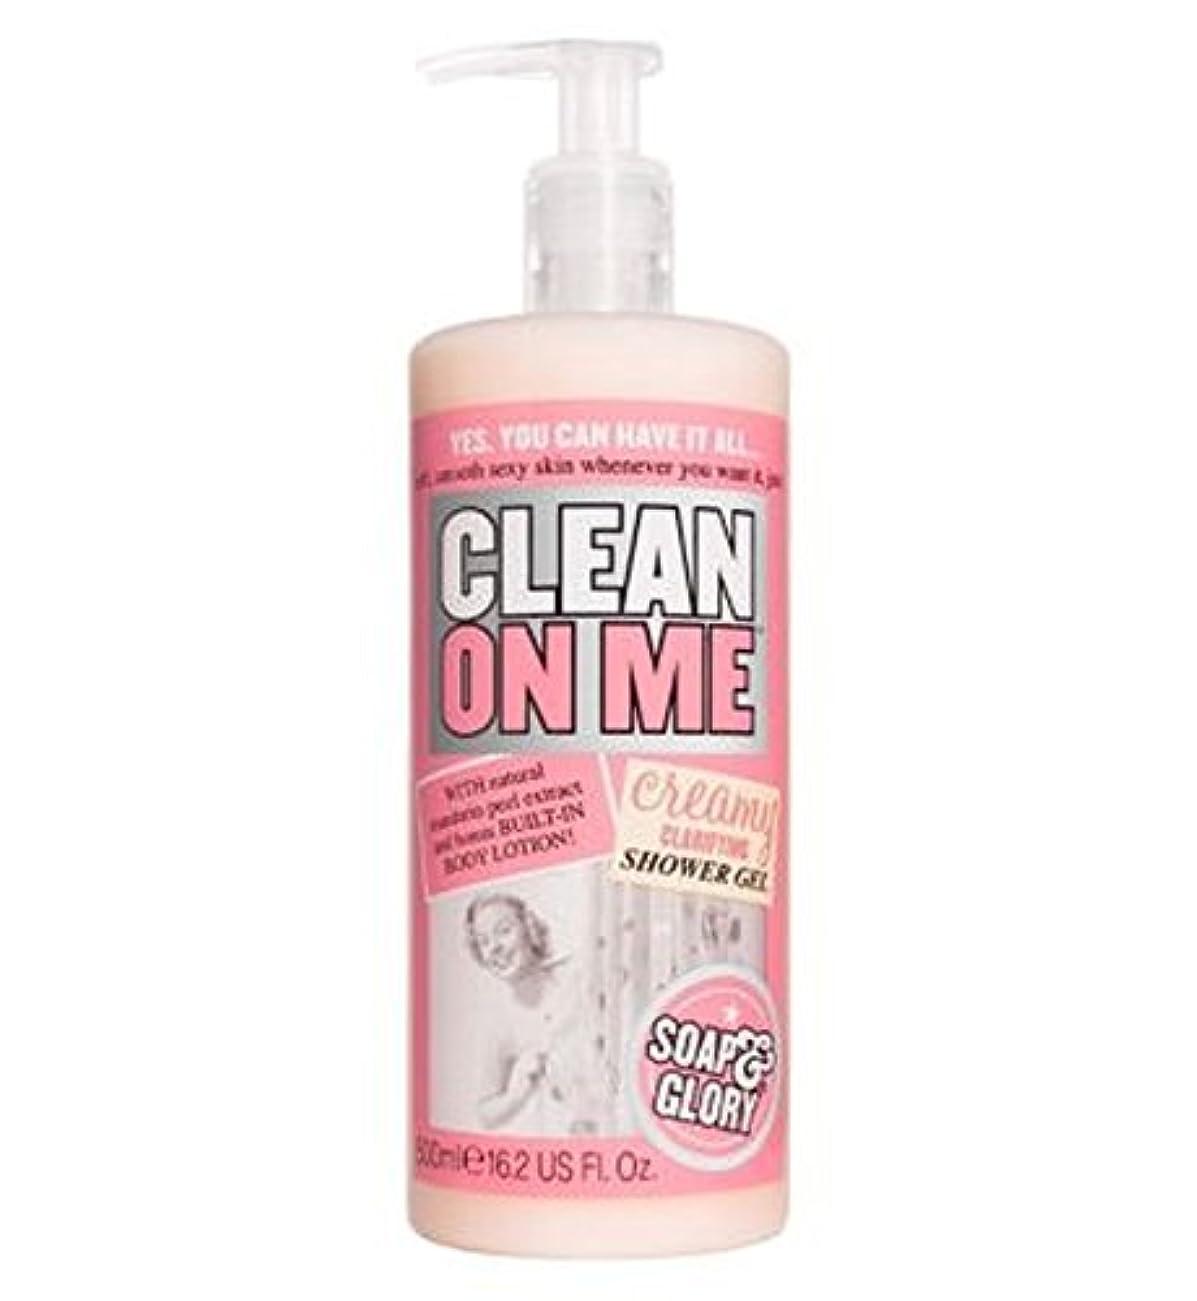 いちゃつく盗難石のSoap & Glory Clean On Me Creamy Clarifying Shower Gel 500ml - 私にきれいな石鹸&栄光はシャワージェル500ミリリットルを明確にクリーミー (Soap & Glory...